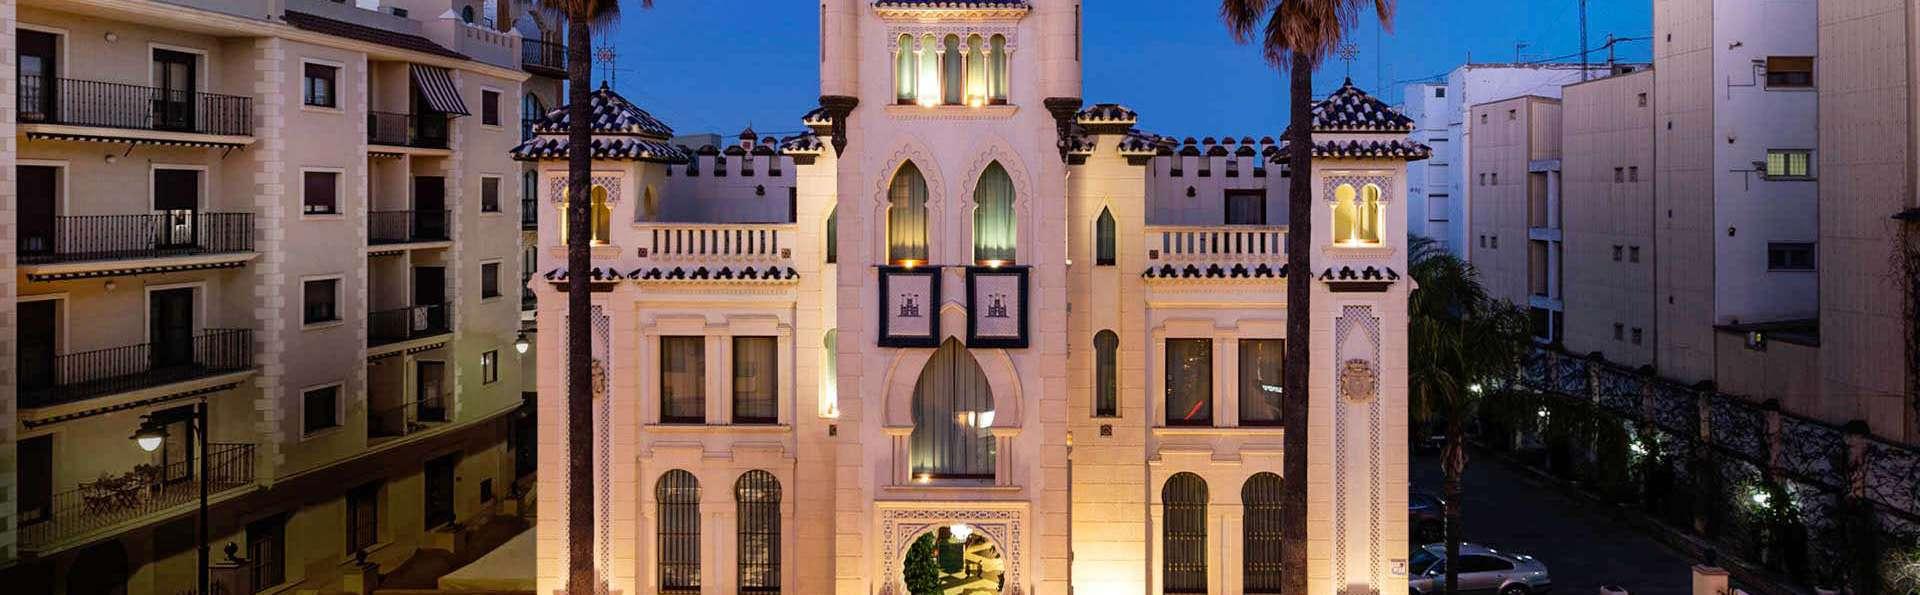 Charmante escapade dans un hôtel de style Néo-mudéjar près de Pou Clar